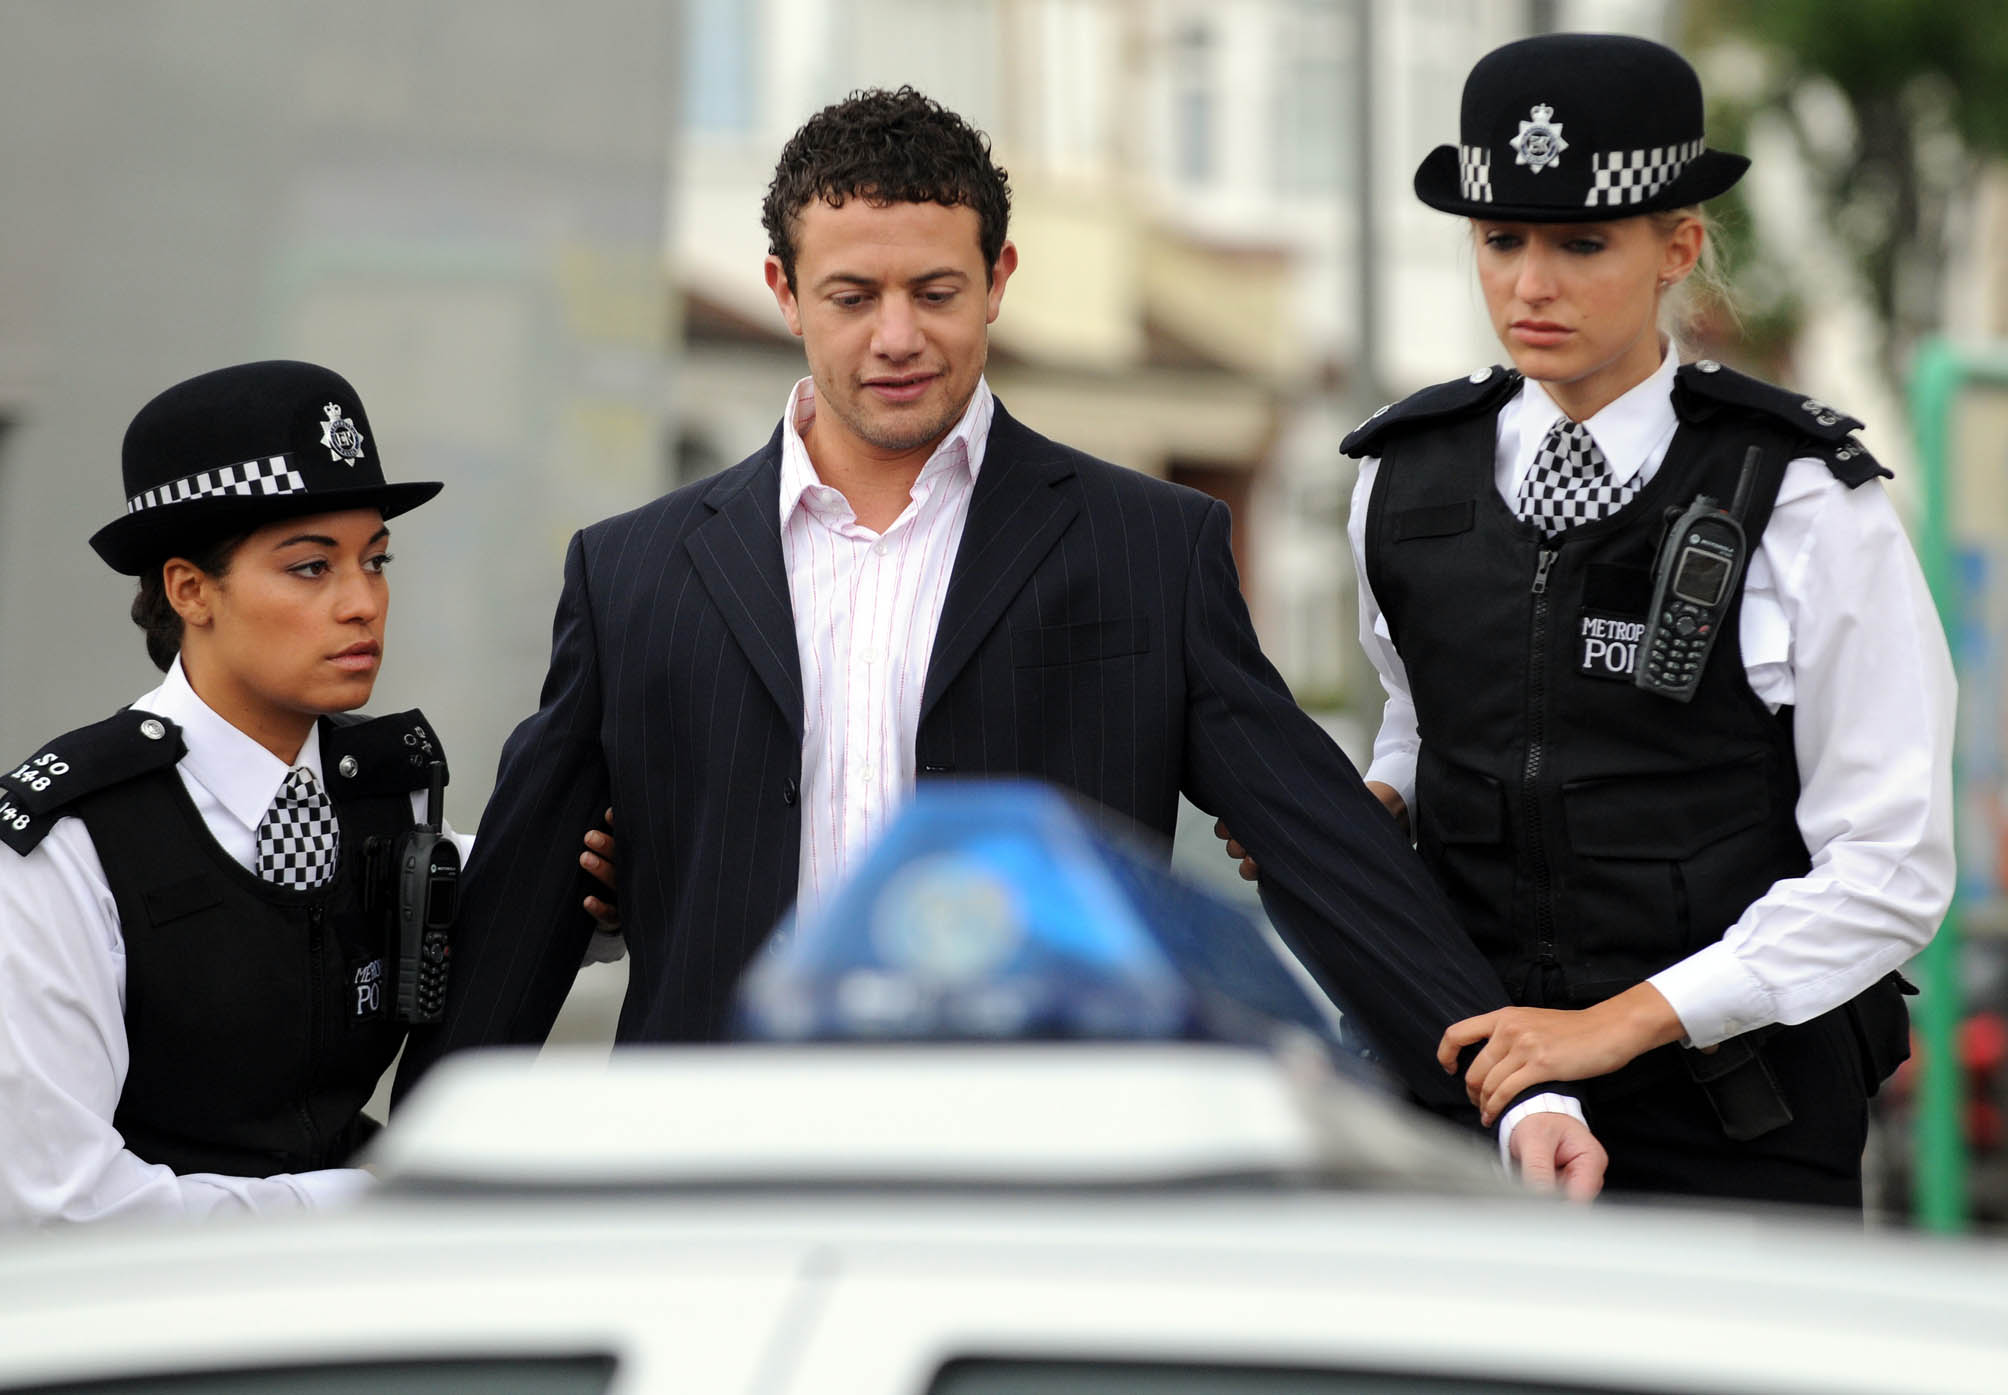 Drug pusher Jake is arrested